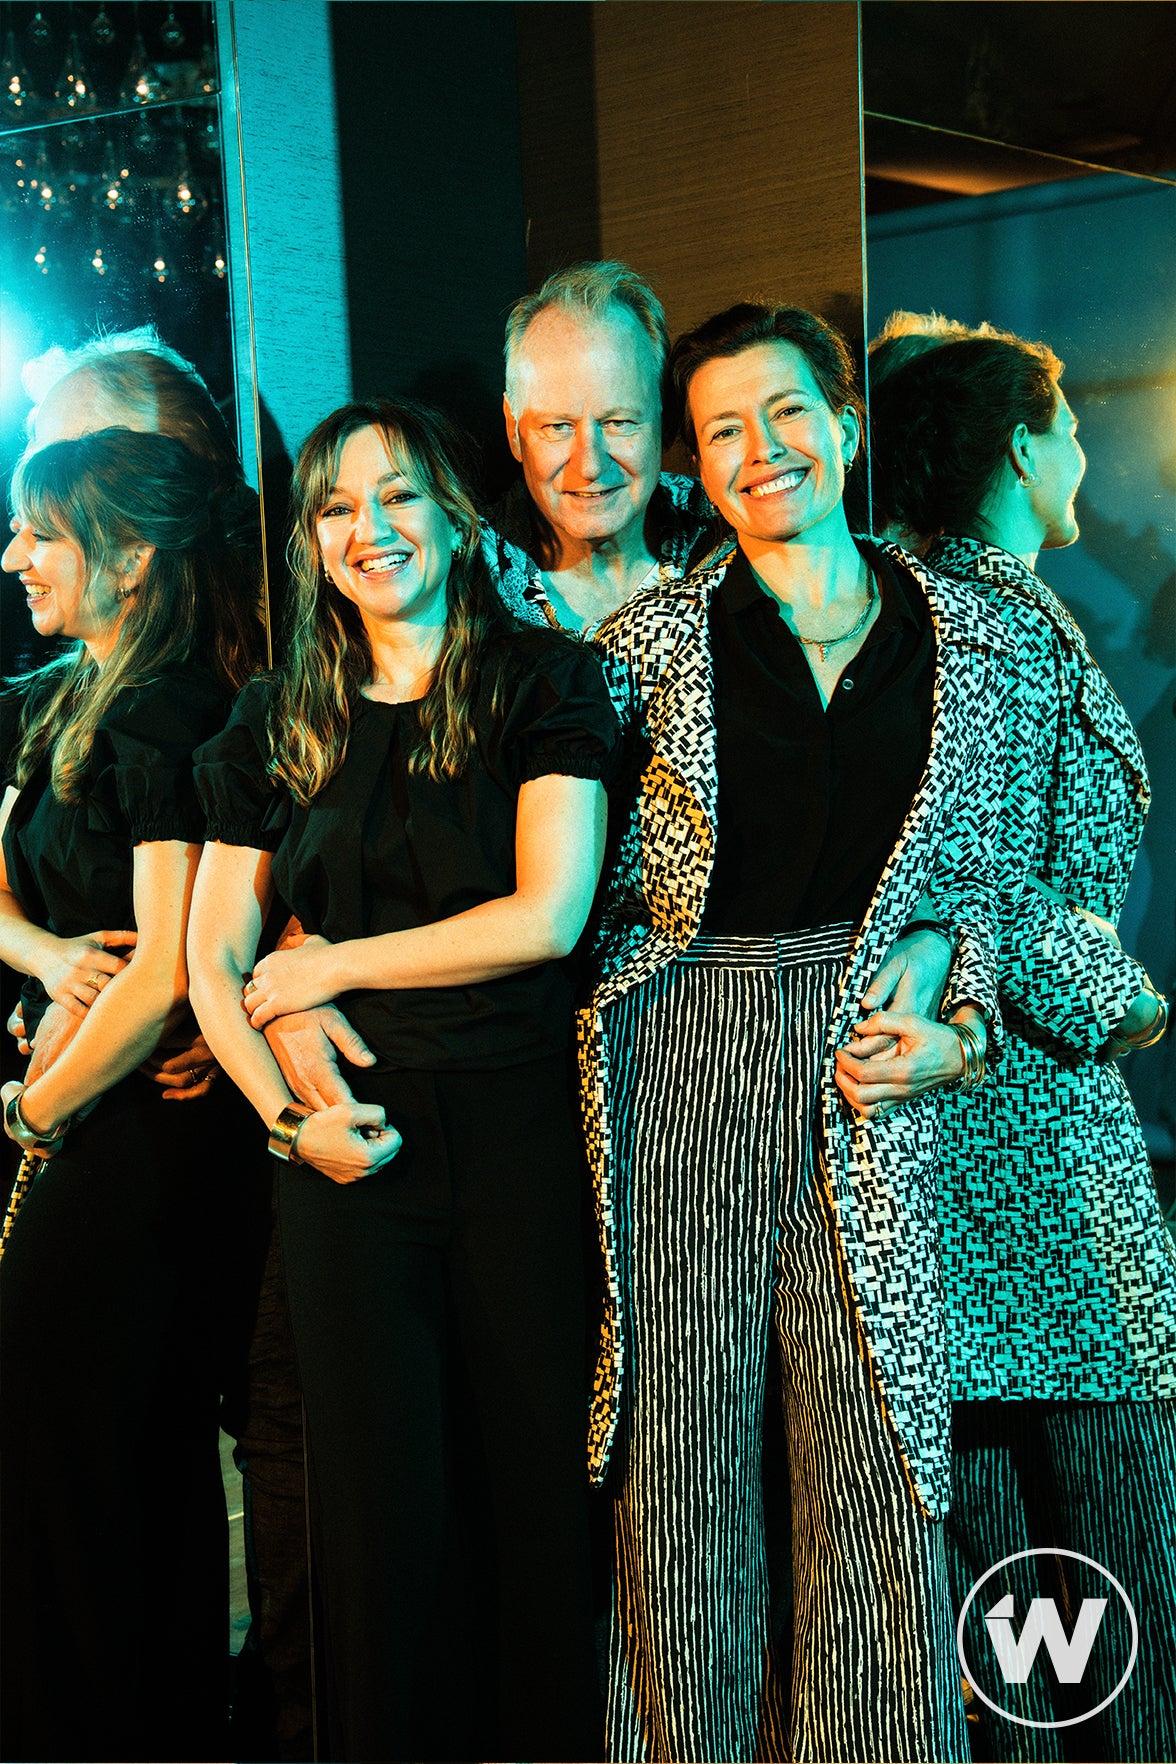 Andrea Bræin Hovig, Stellan Skarsgård, and Maria Sødahl, Hope